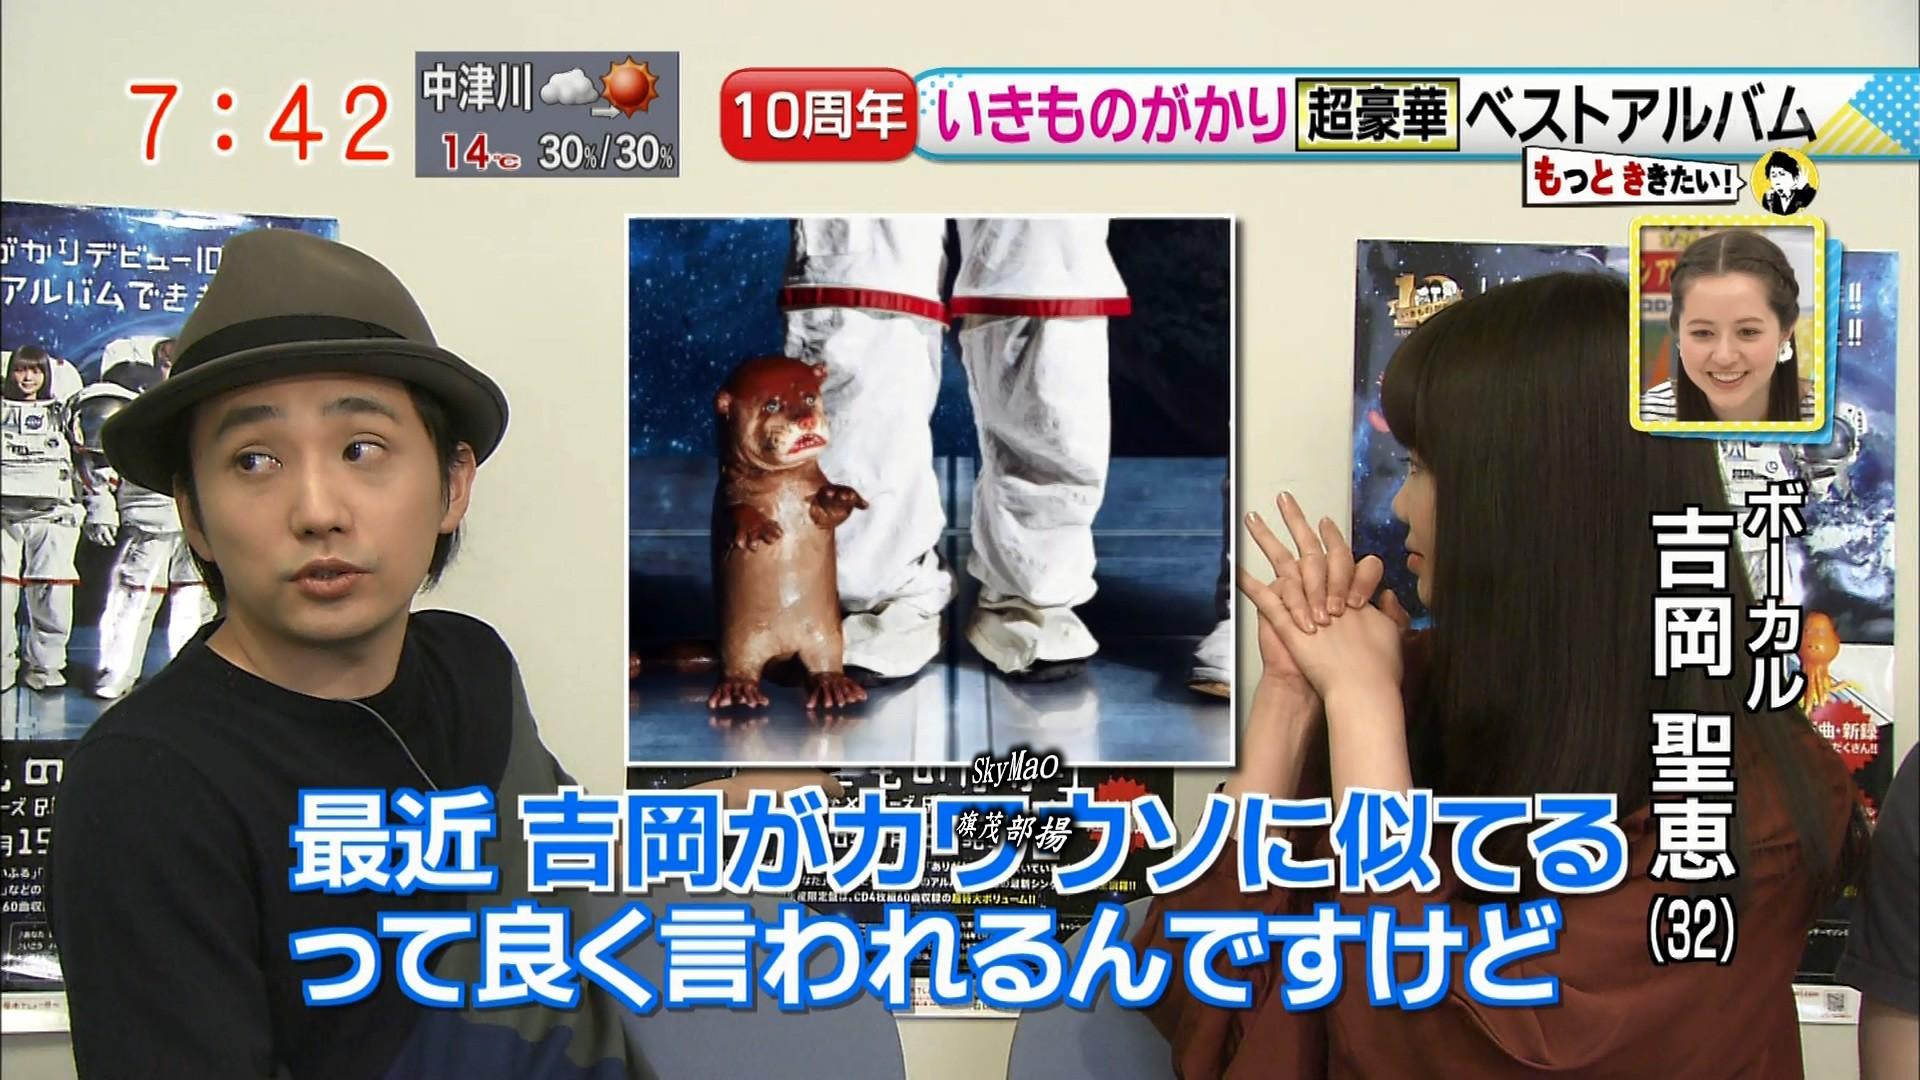 2016.03.28 いきものがかり(ドデスカ!).ts_20160328_140151.393